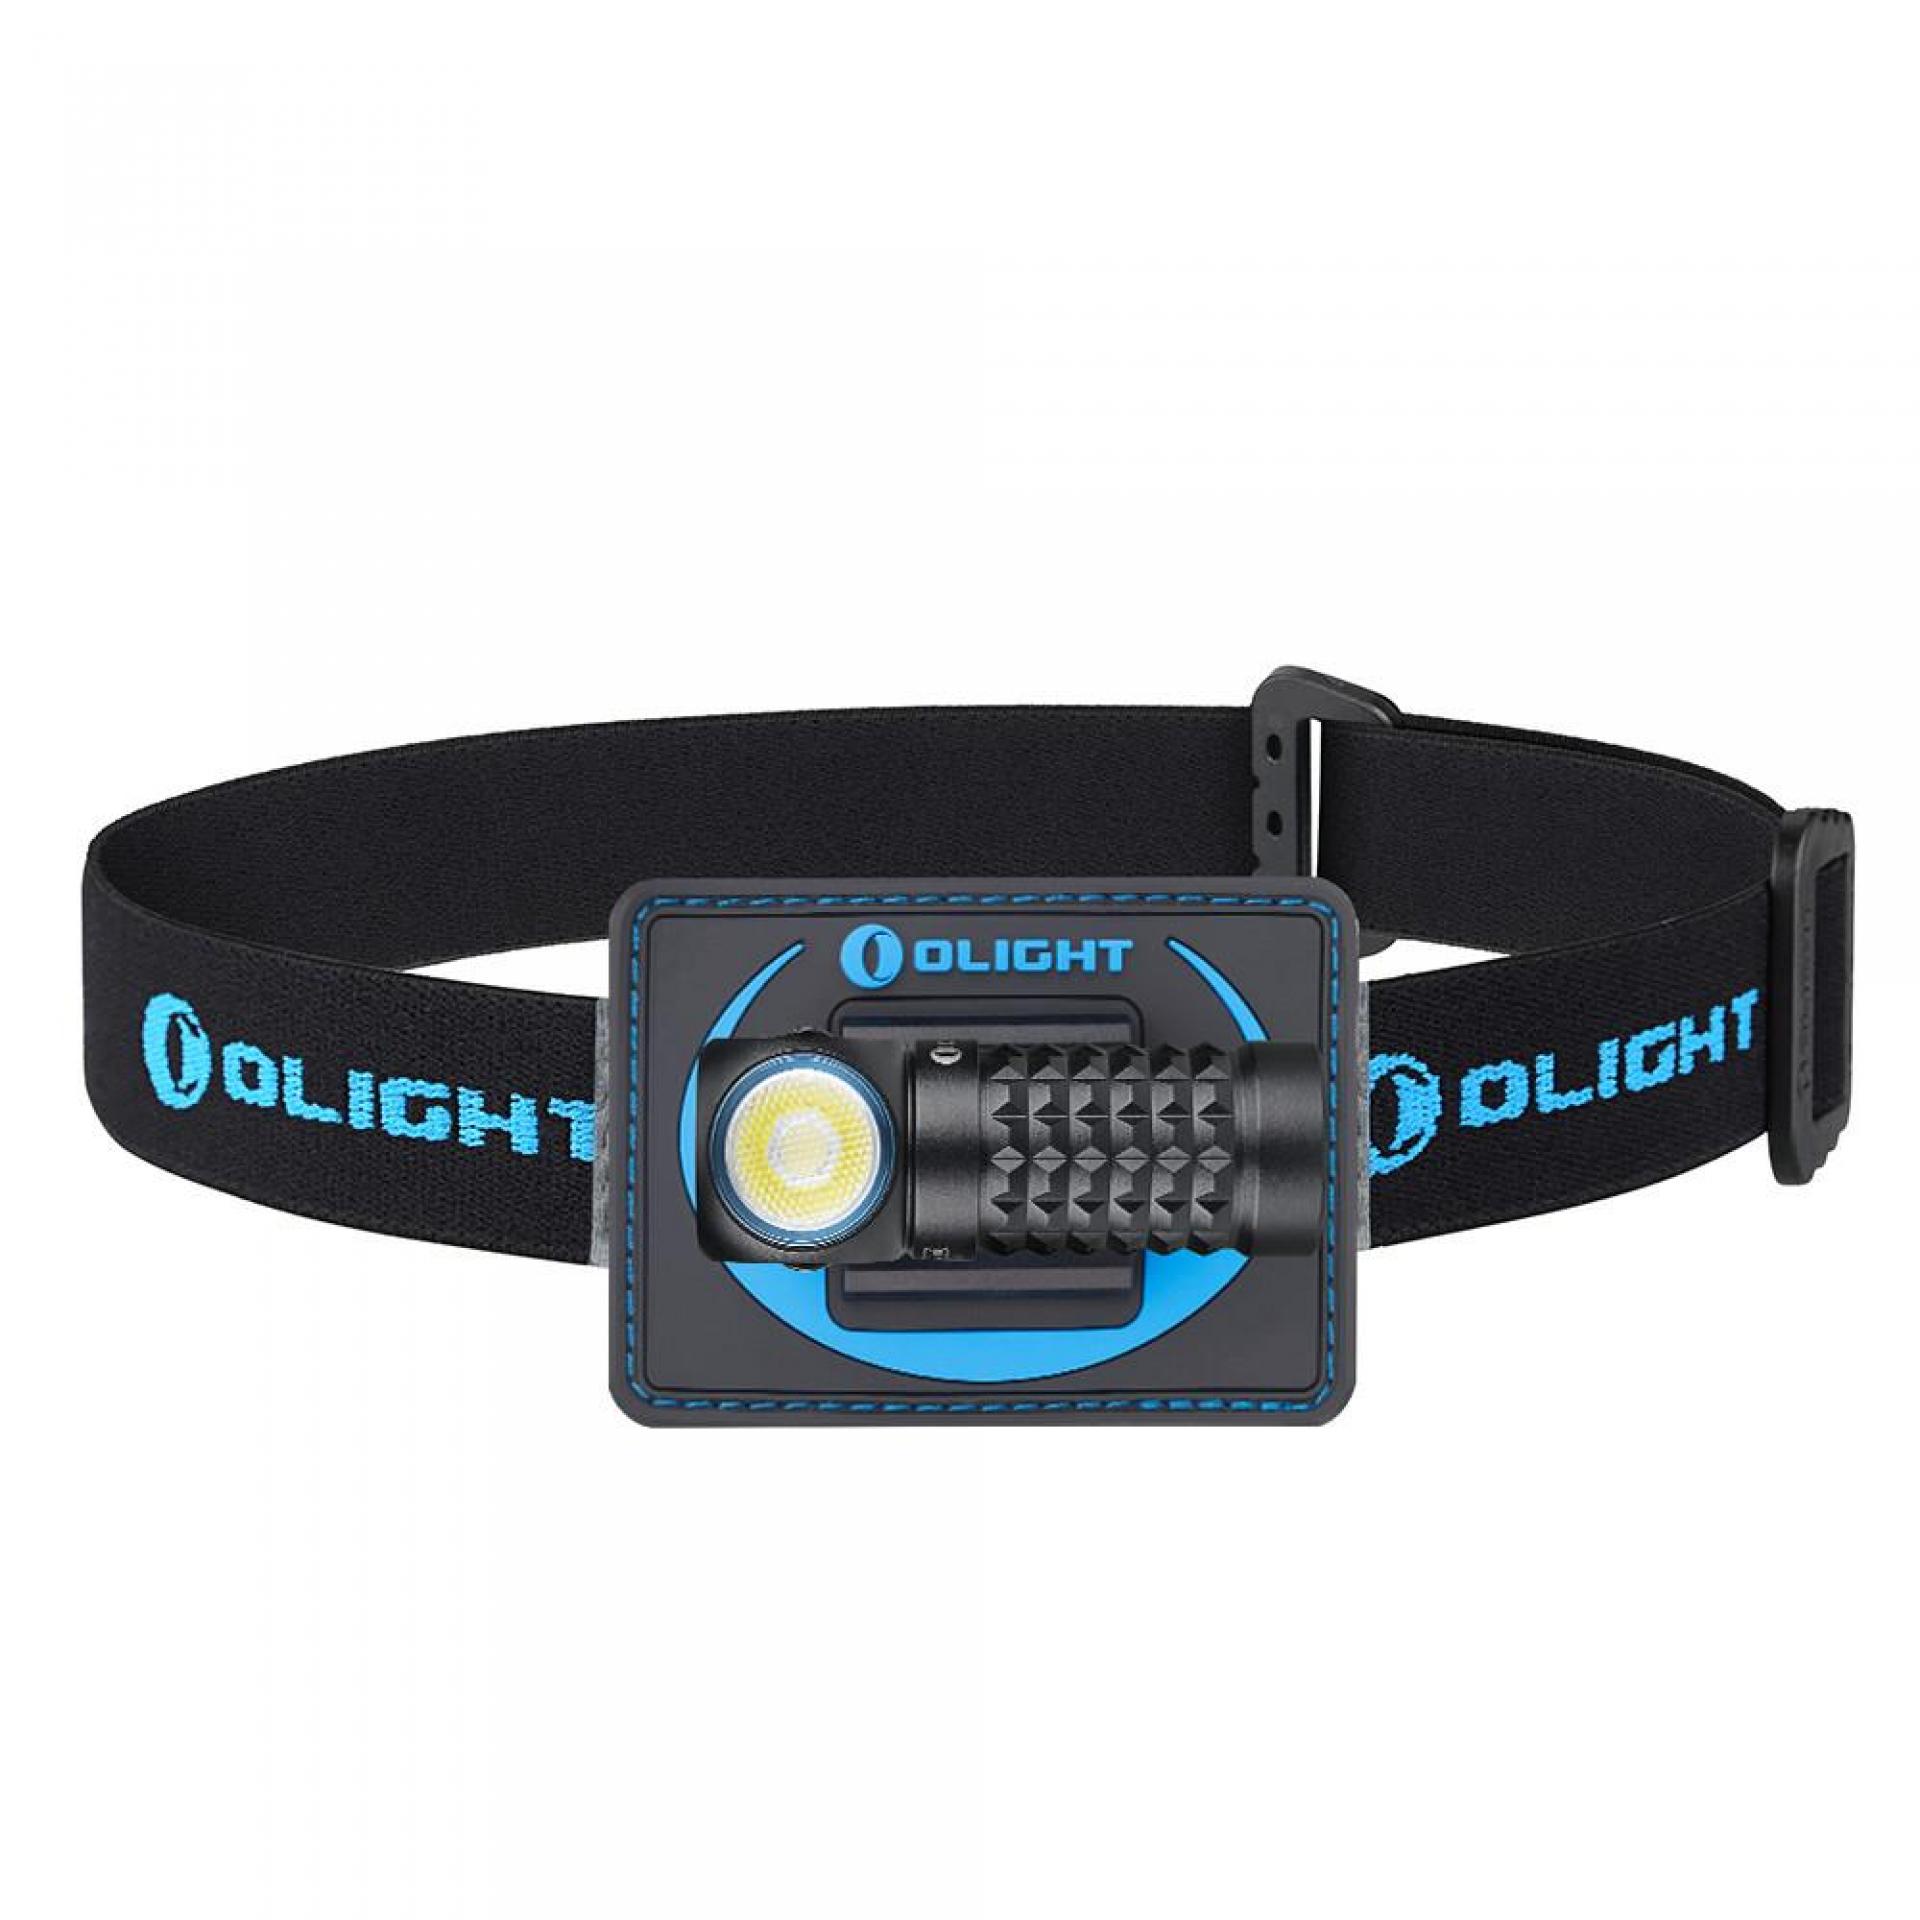 Olight New Perun Mini Kit Ultralight Headlamp